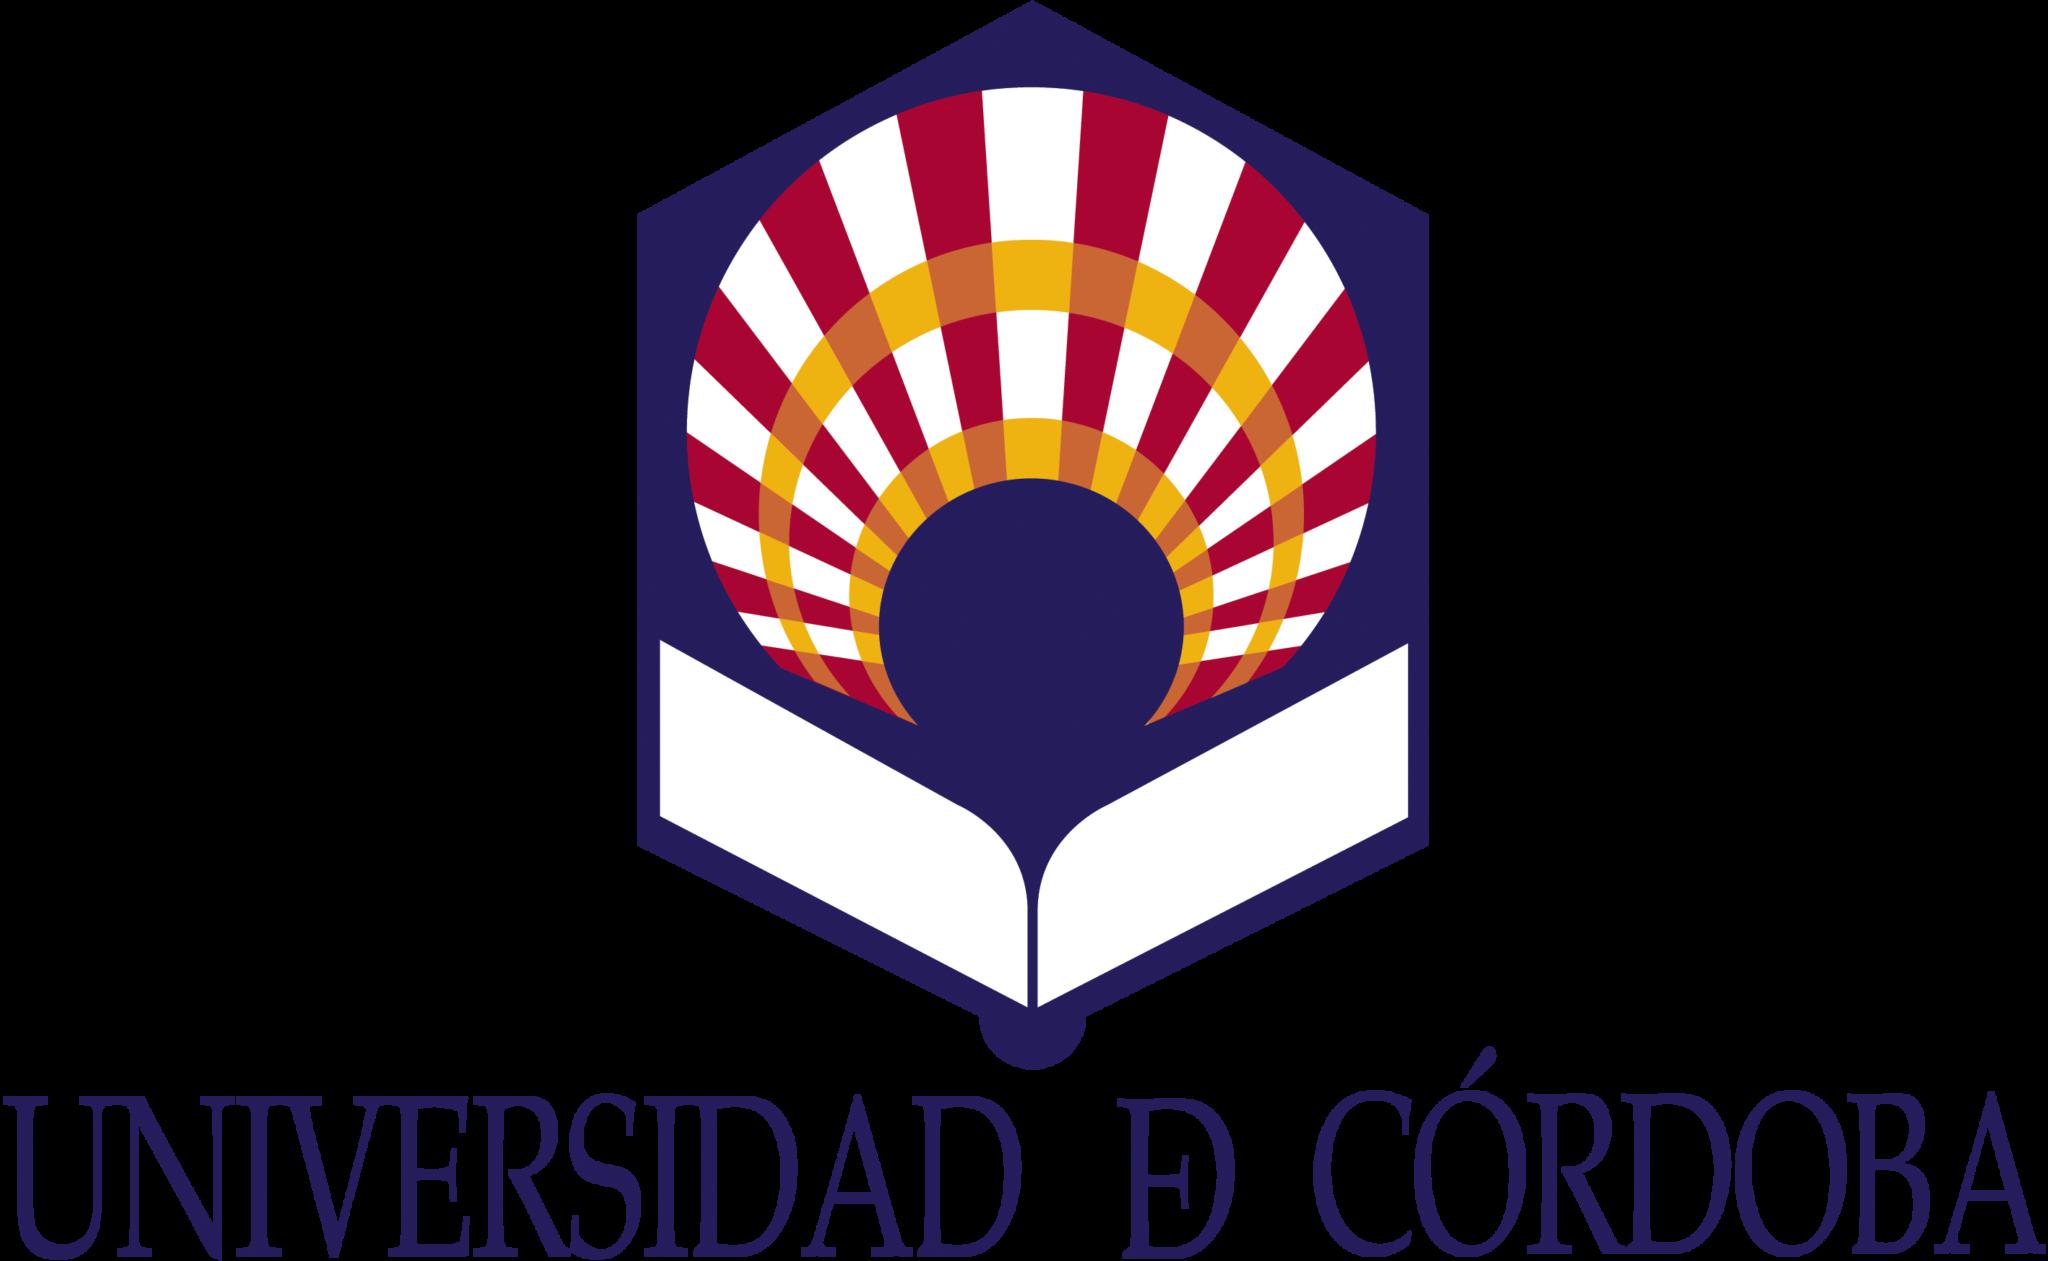 Université de Cordoue